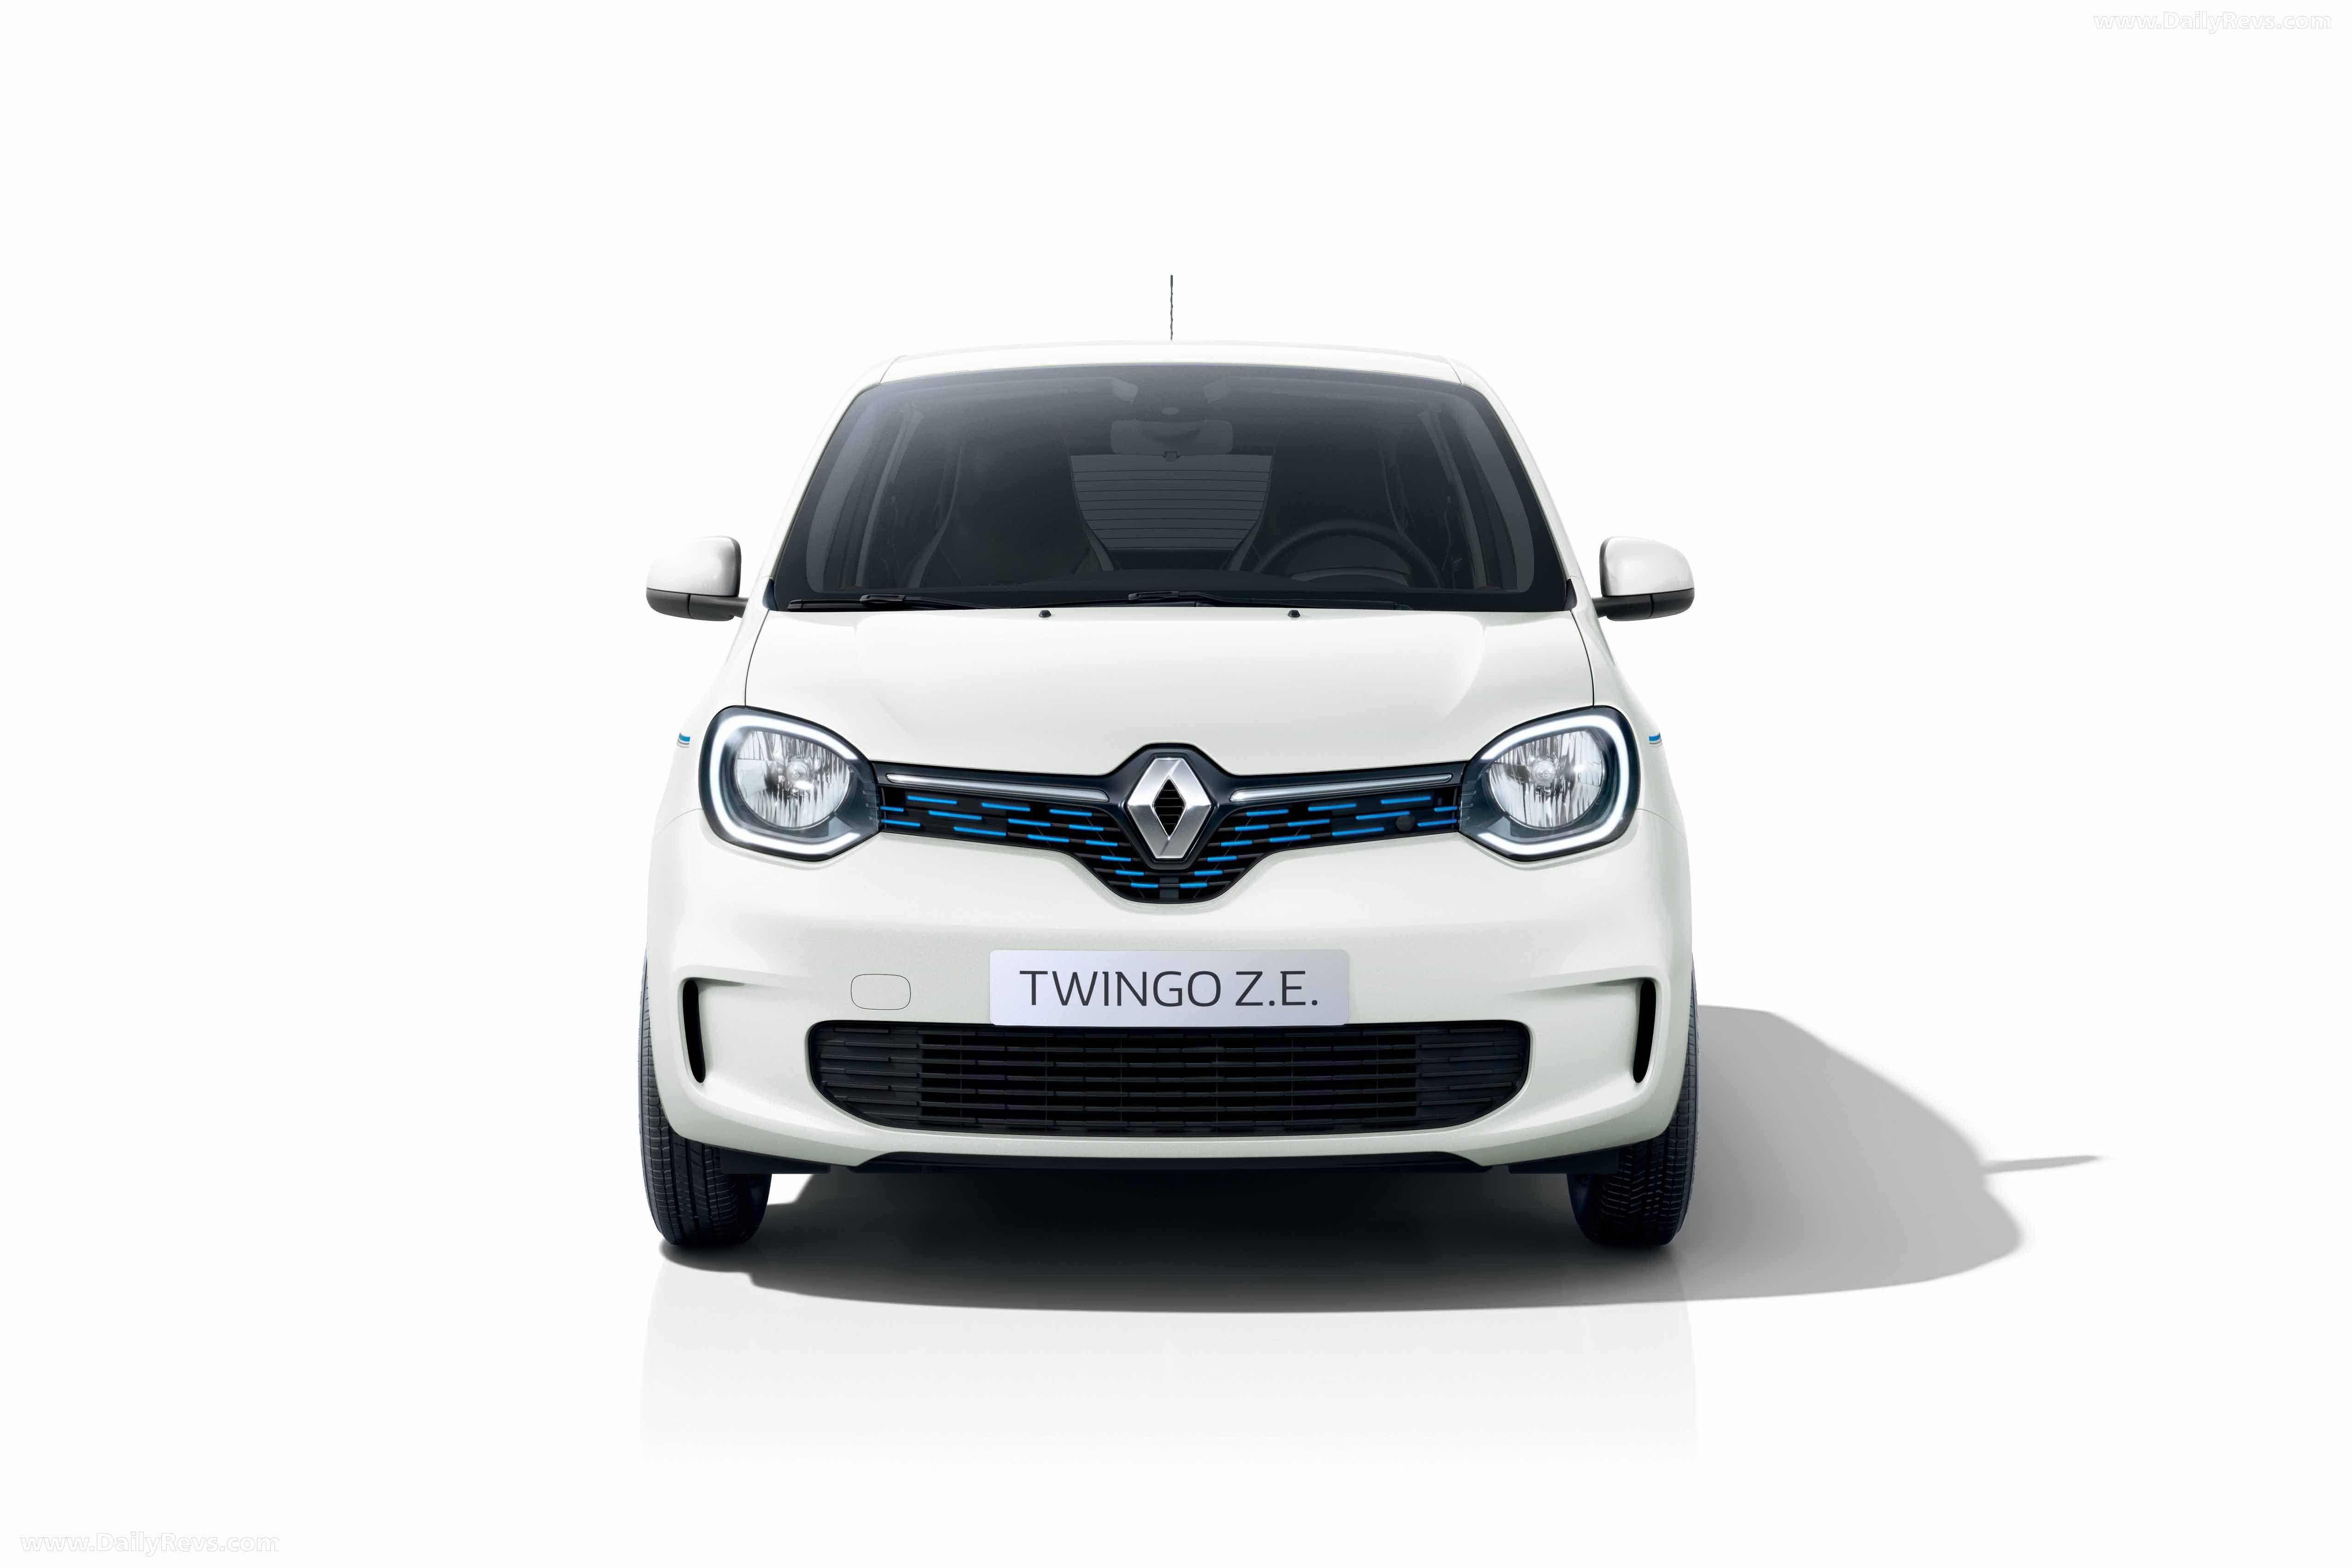 2020 Renault Twingo Z E Dailyrevs Em 2020 Carros